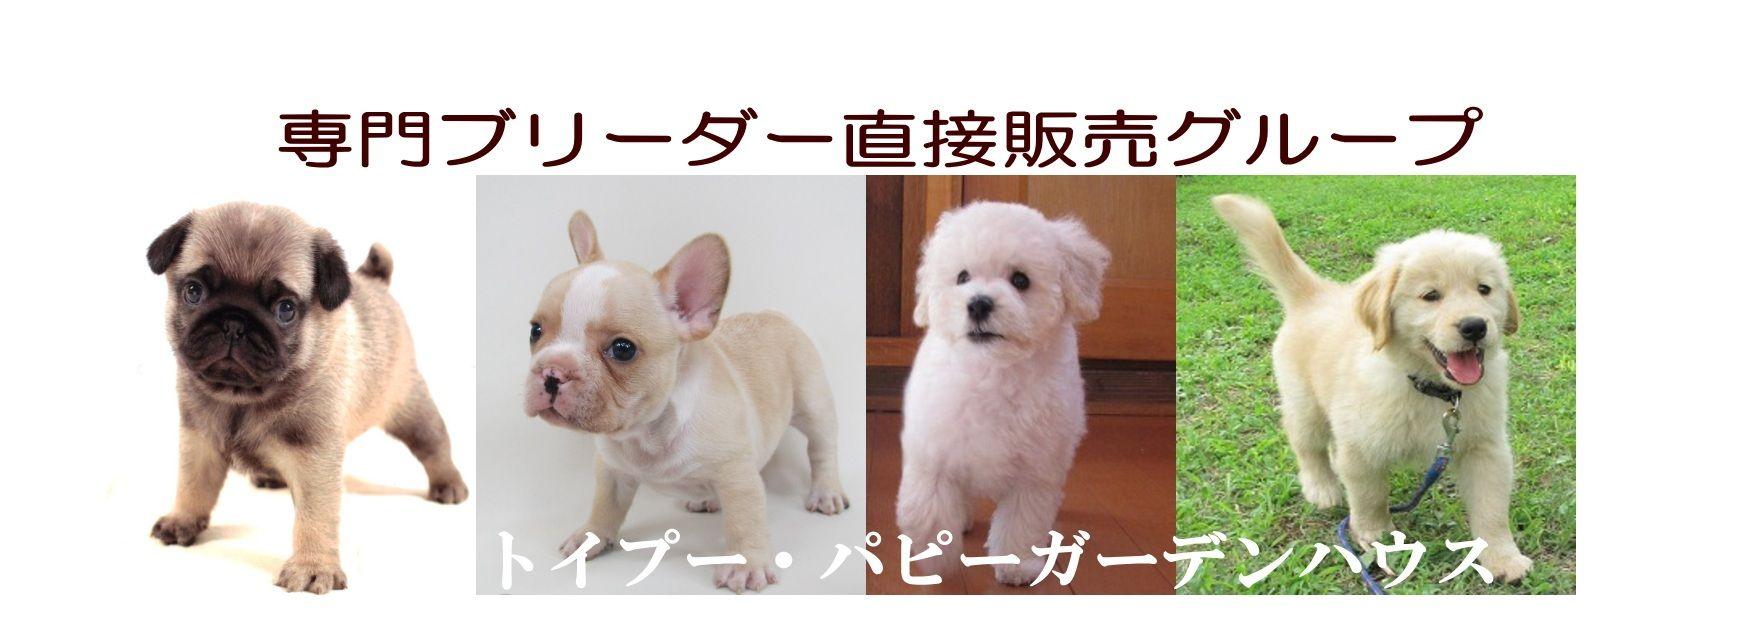 埼玉 ます 子犬 譲り 無料